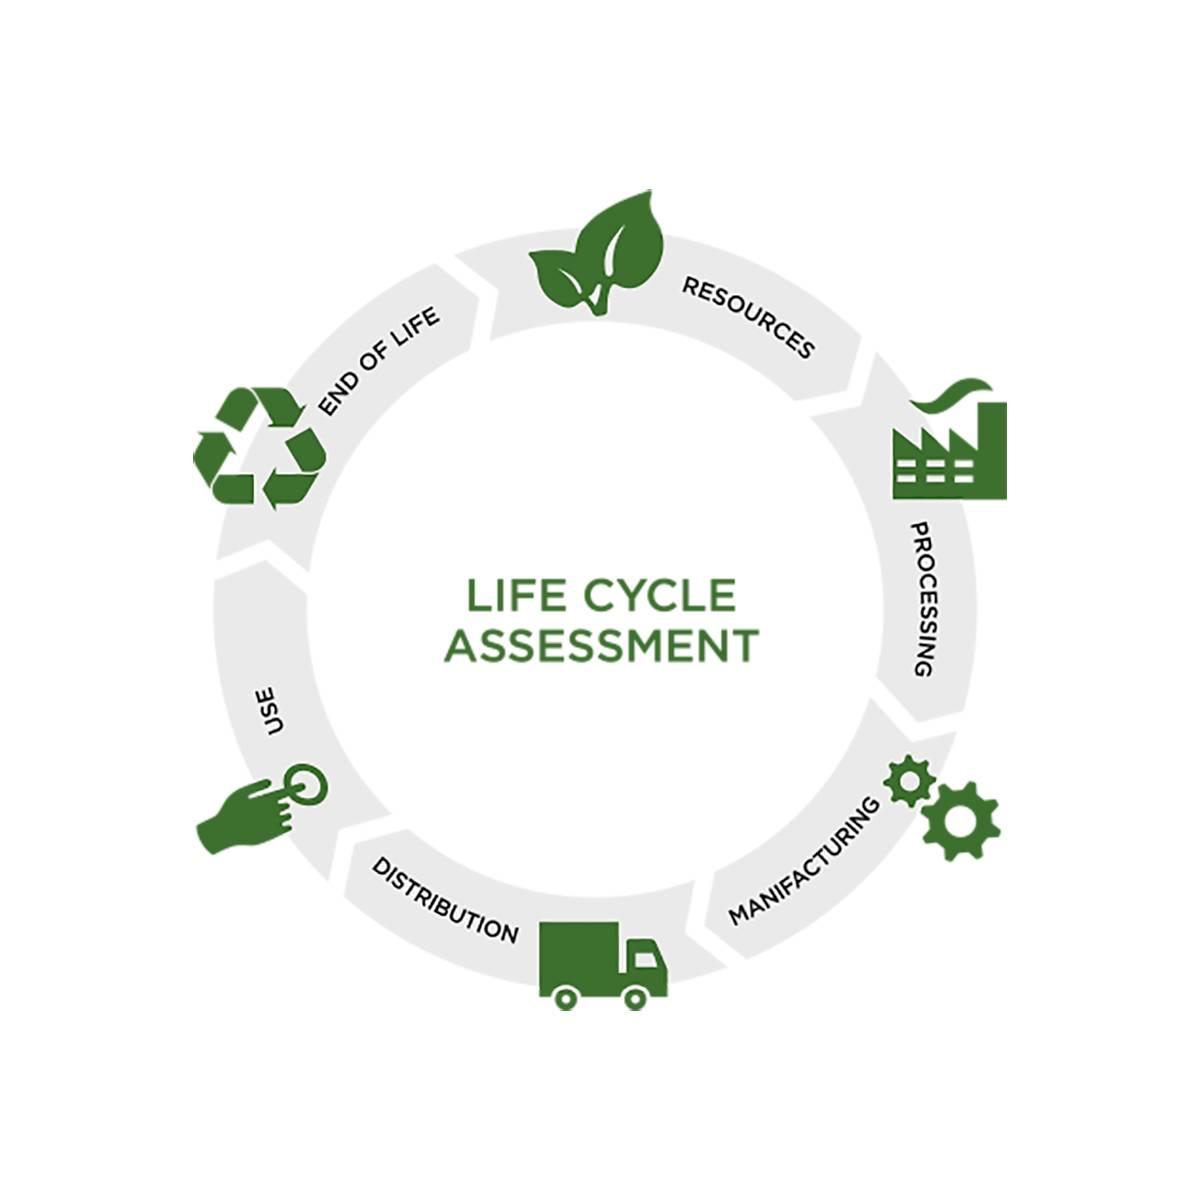 El trabajo de Nardi en favor de la sostenibilidad medioambiental